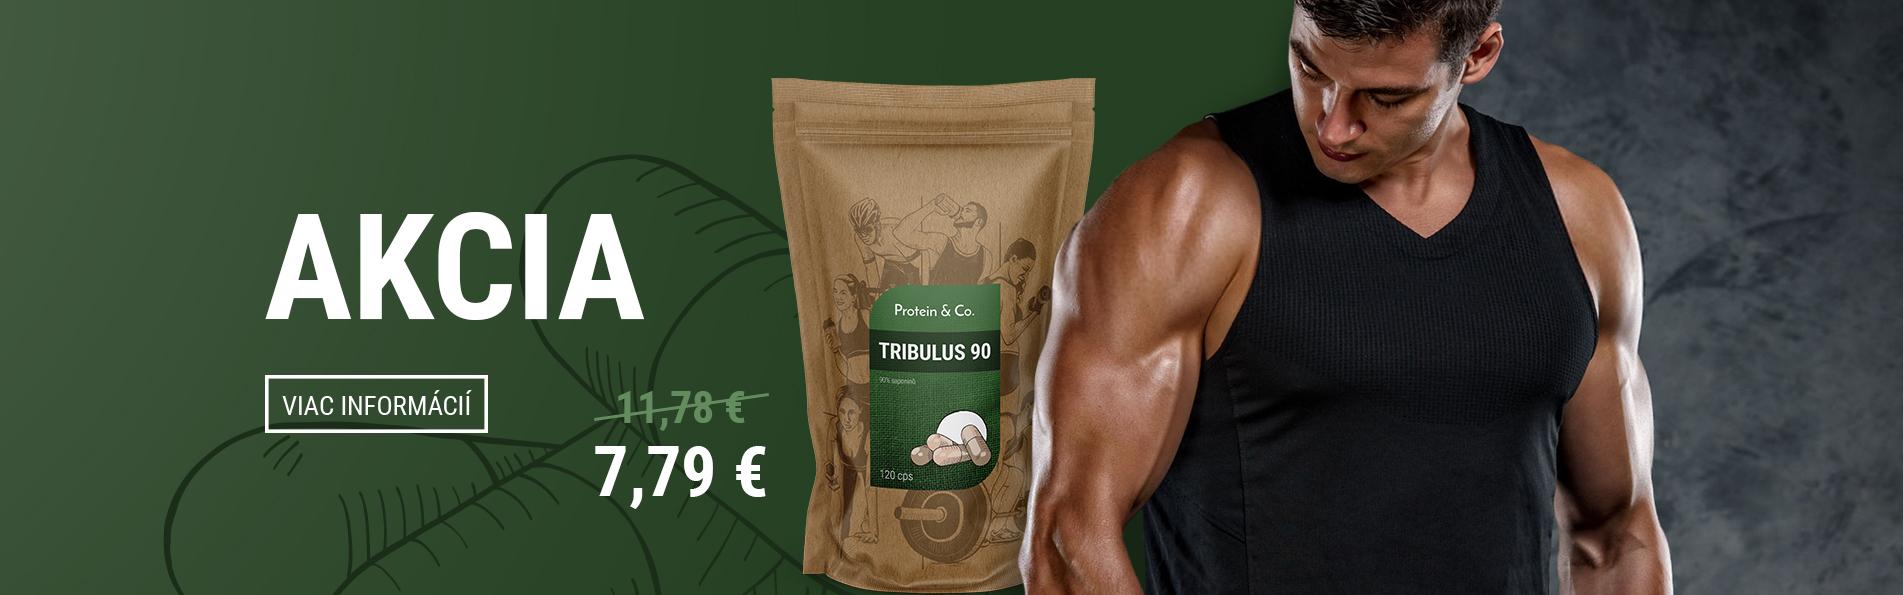 Tribulus 90